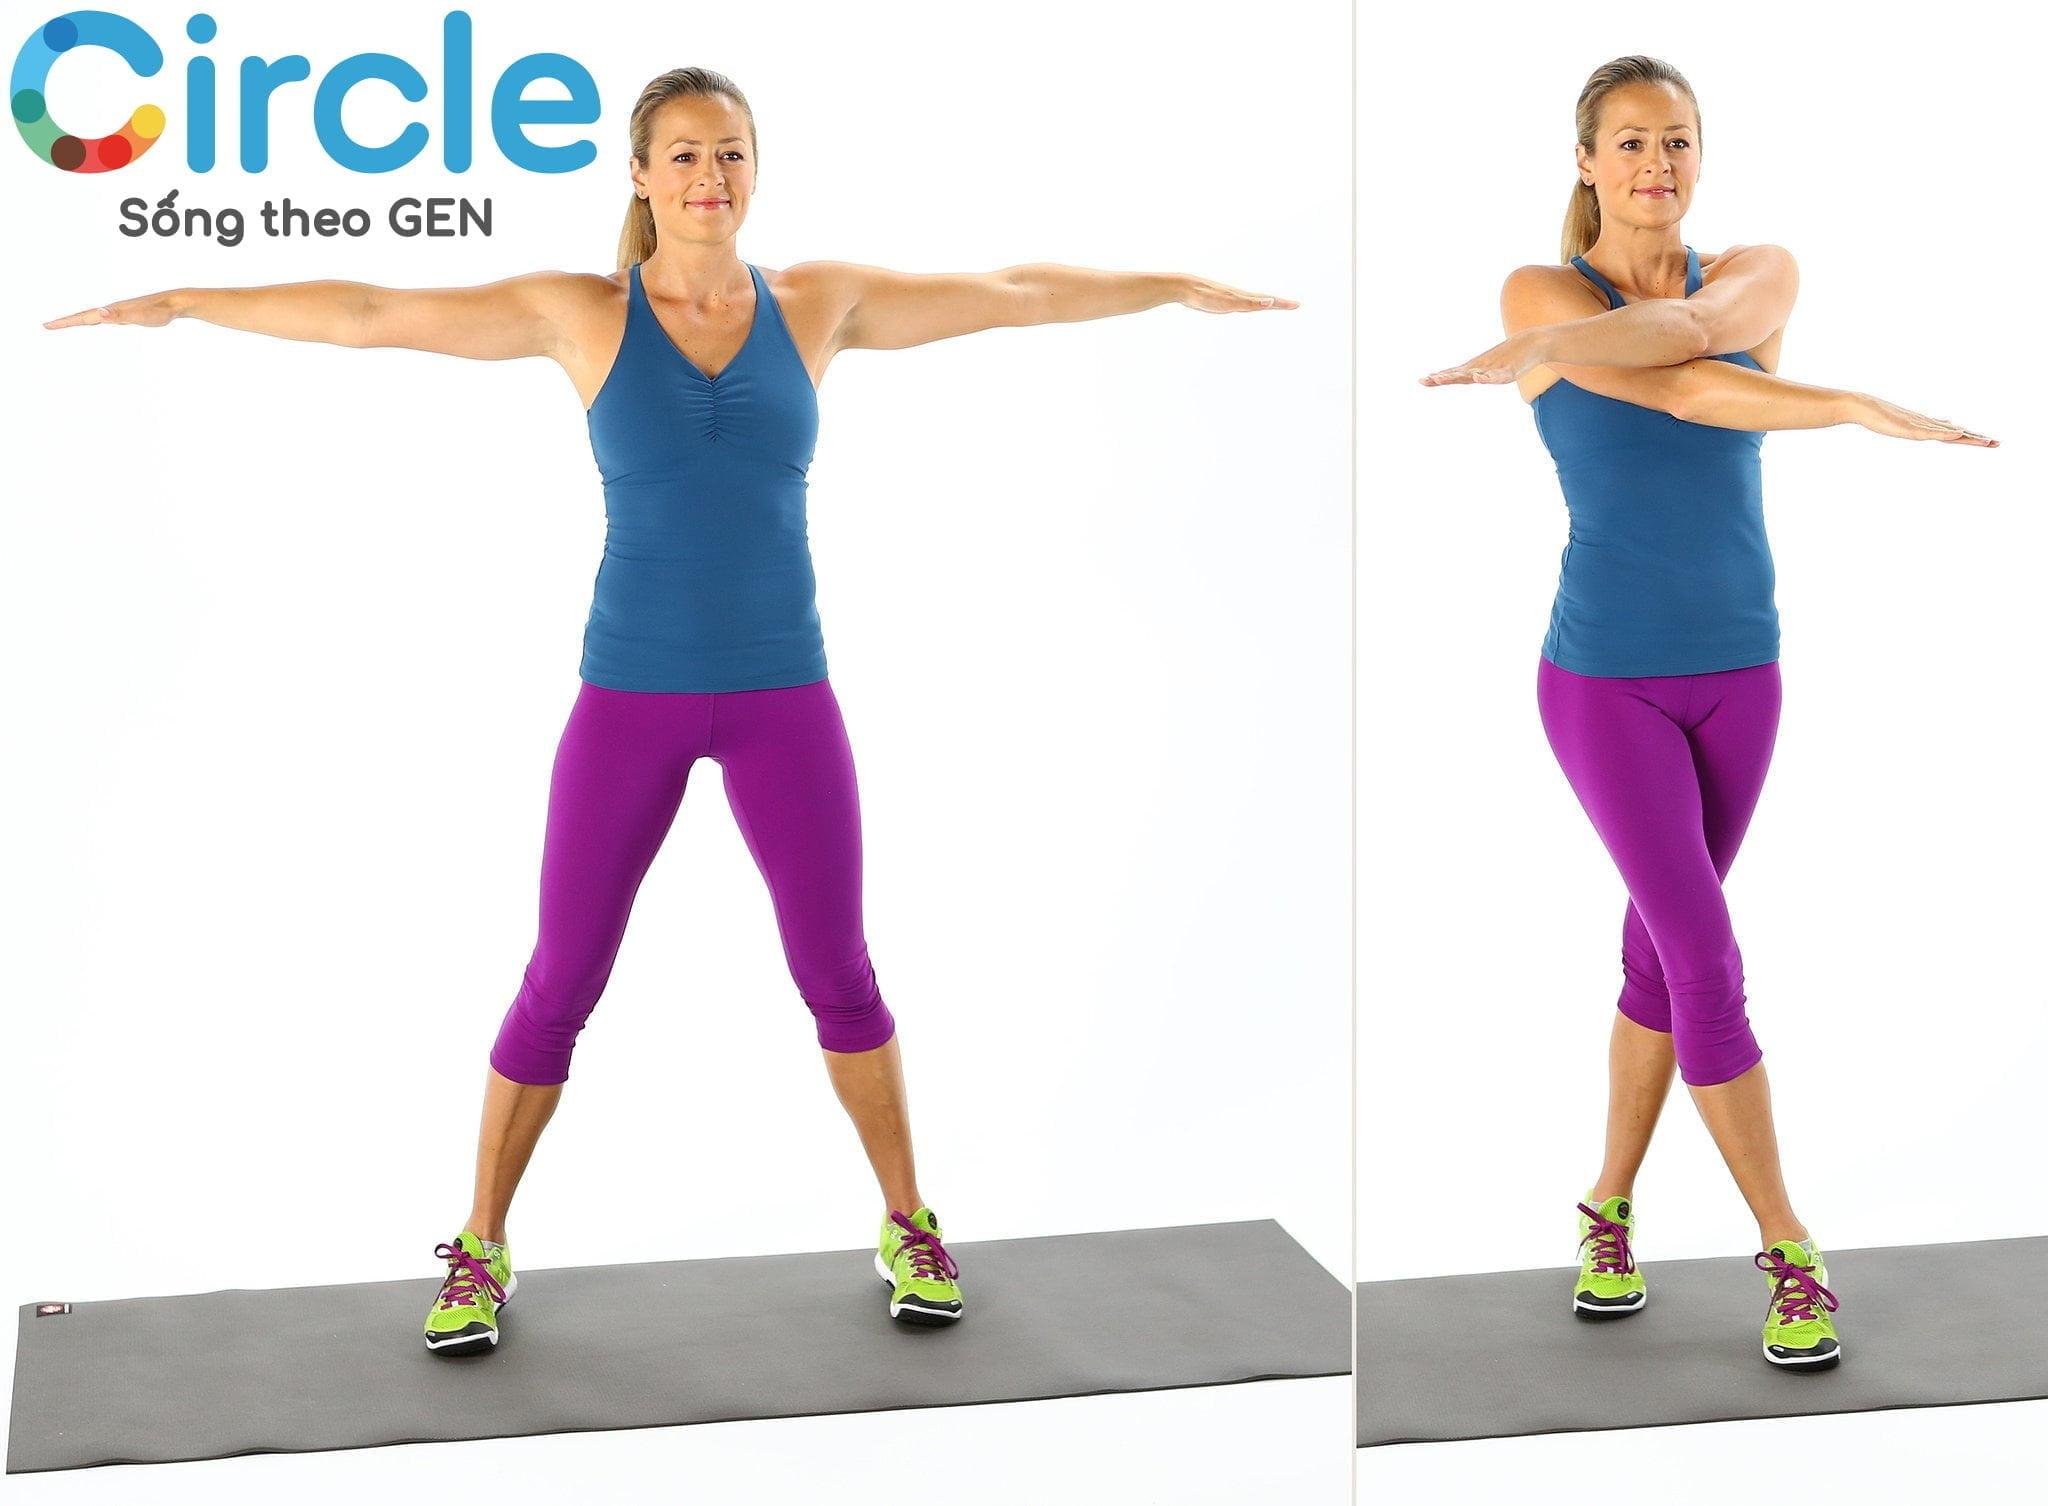 Scissor Jack cũng là bài tập thể dục đơn giản tại nhà cho nữ, nằm trong bài Cardio. Tập trung chính là săn chắc hai vùng hông, chân và bắp tay.